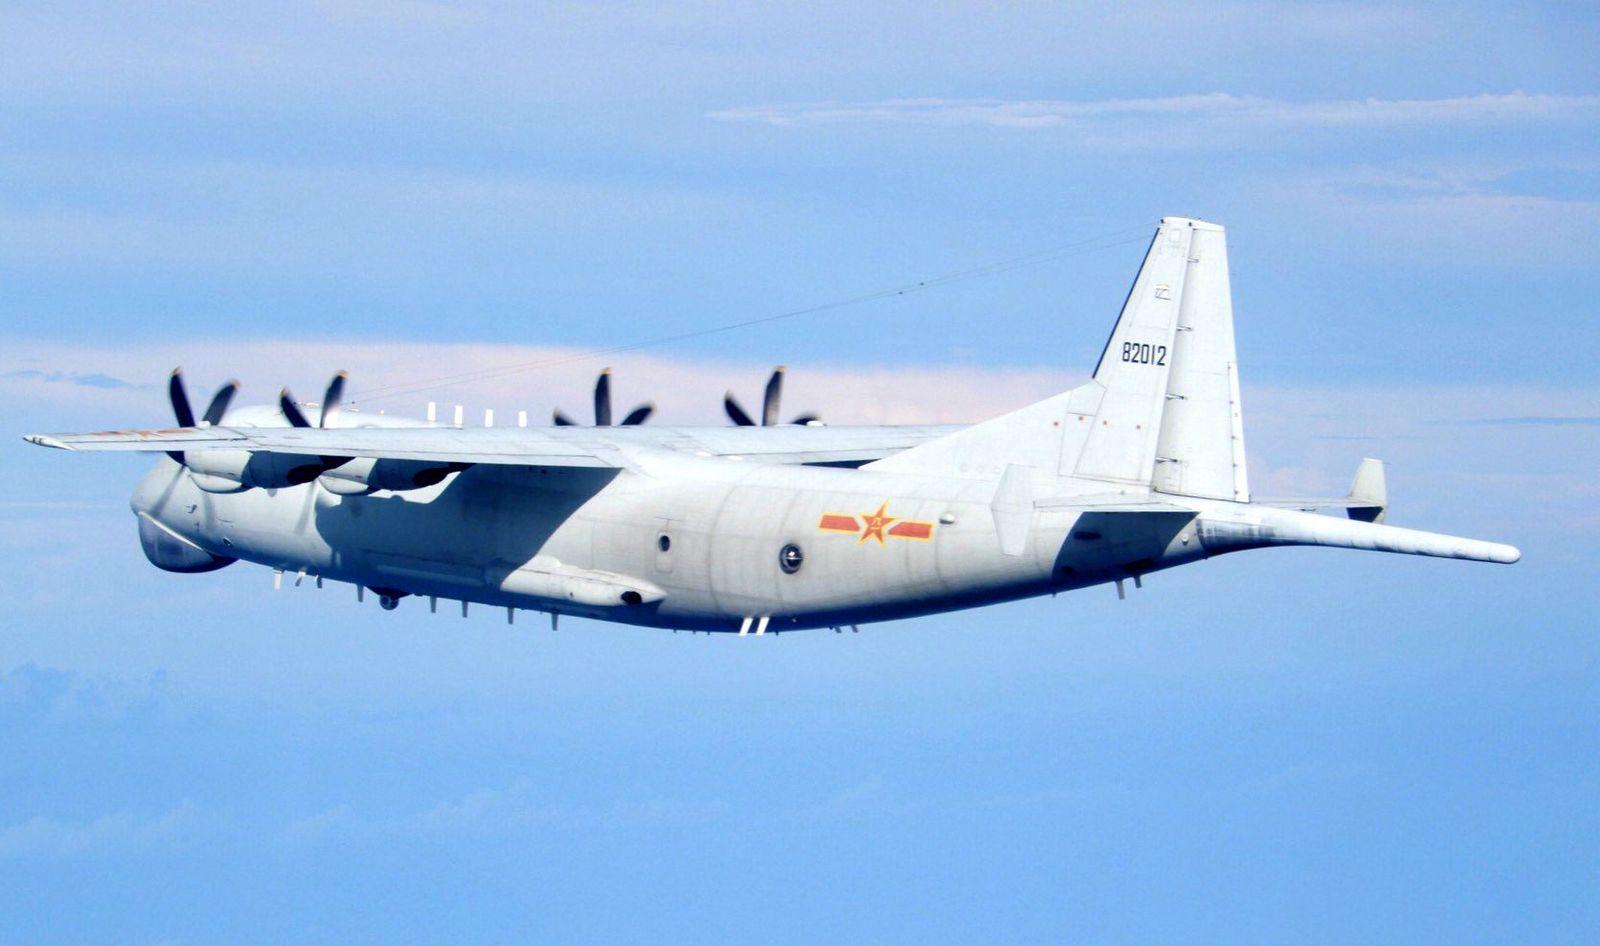 Chinese warplanes enter Taiwan airspace, Taipei - 19 Sep 2020